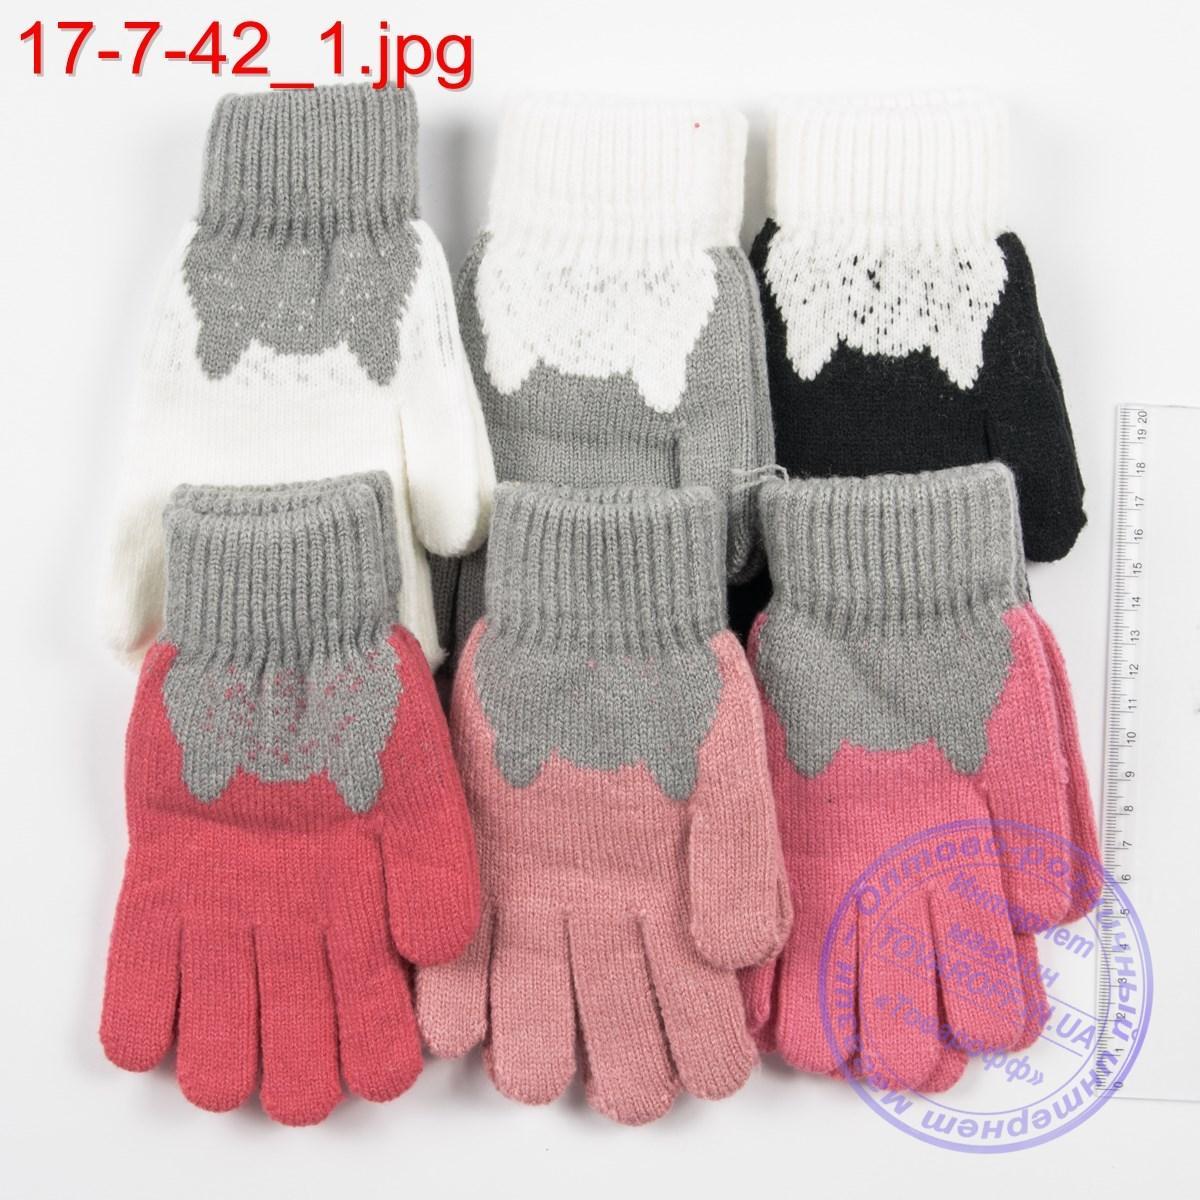 Оптом трикотажные перчатки для девочек 6, 7, 8, 9 лет - №17-7-42